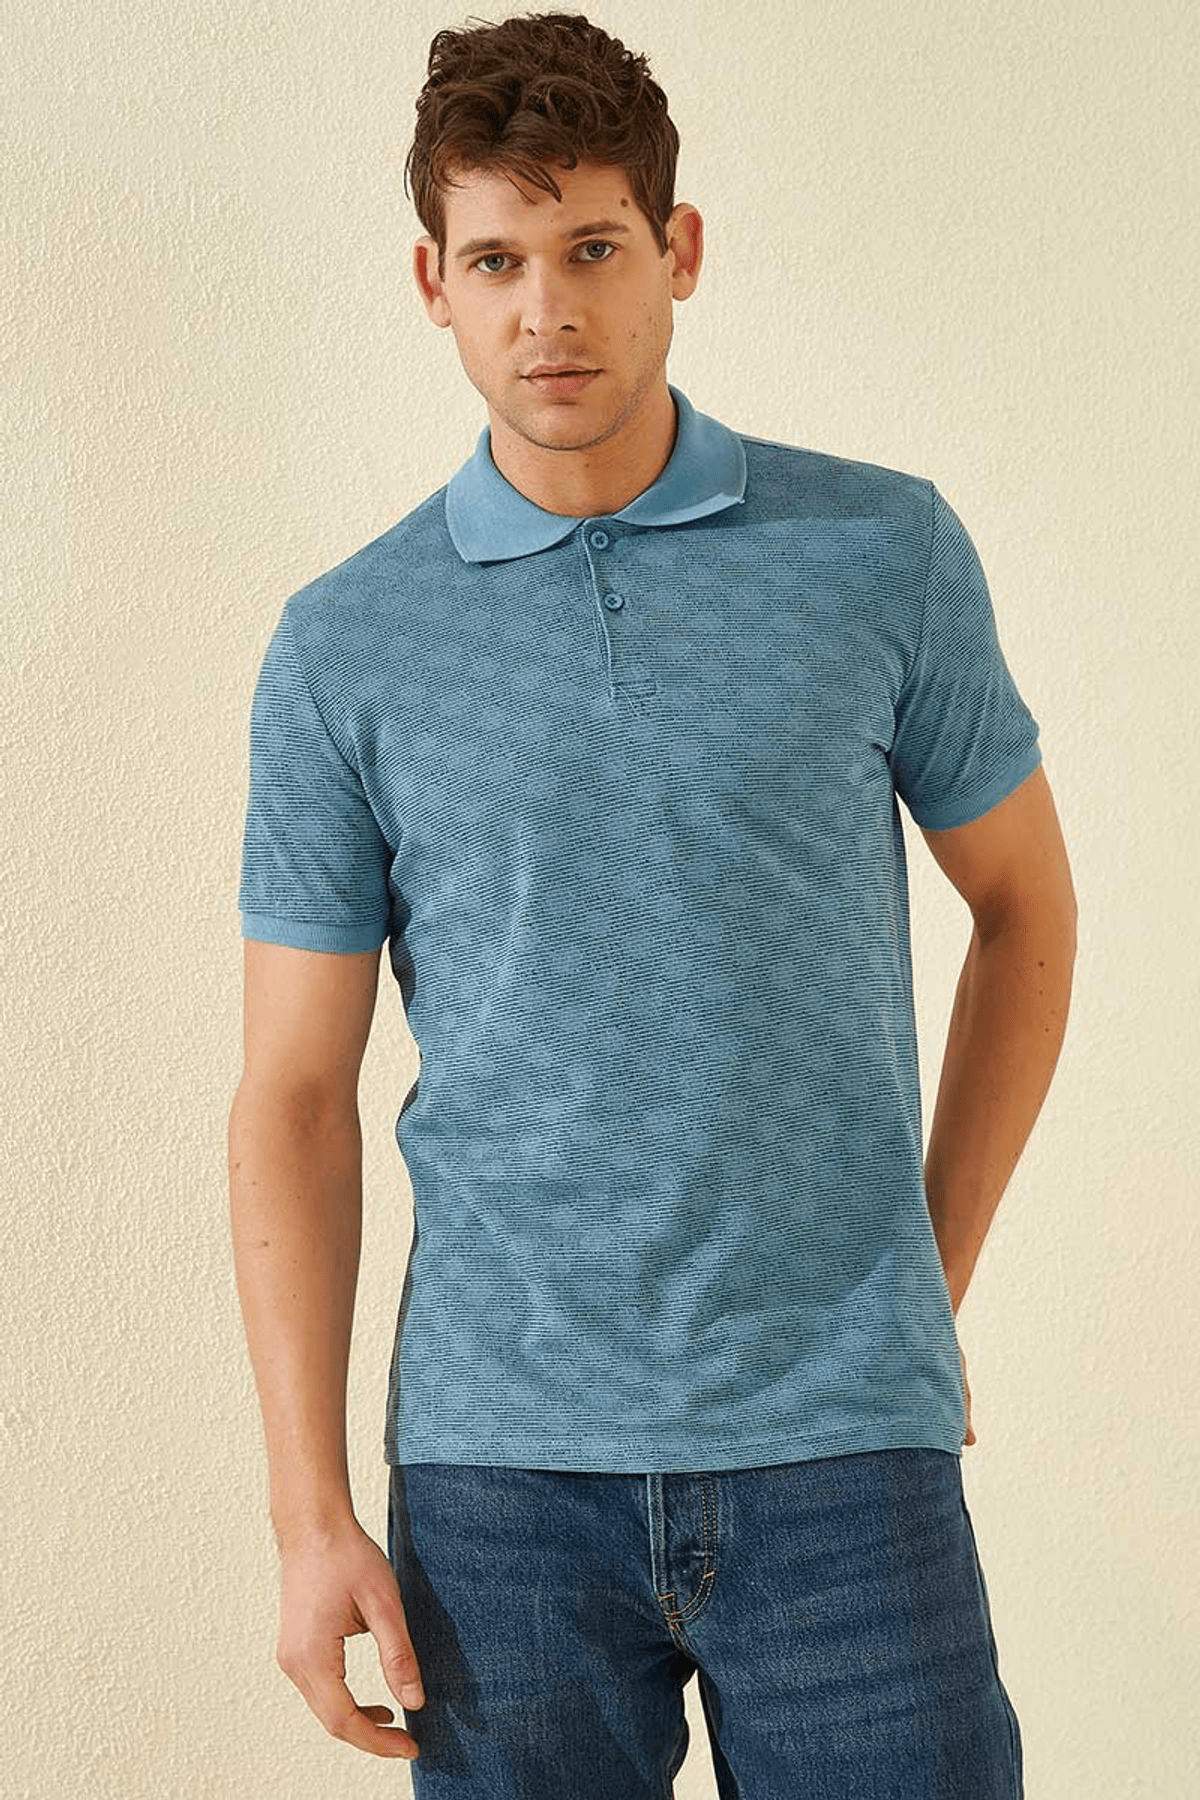 Tommy Life Baskılı Polo Yaka Kirli Mavi Erkek T-Shirt T08ER-87796_1 1